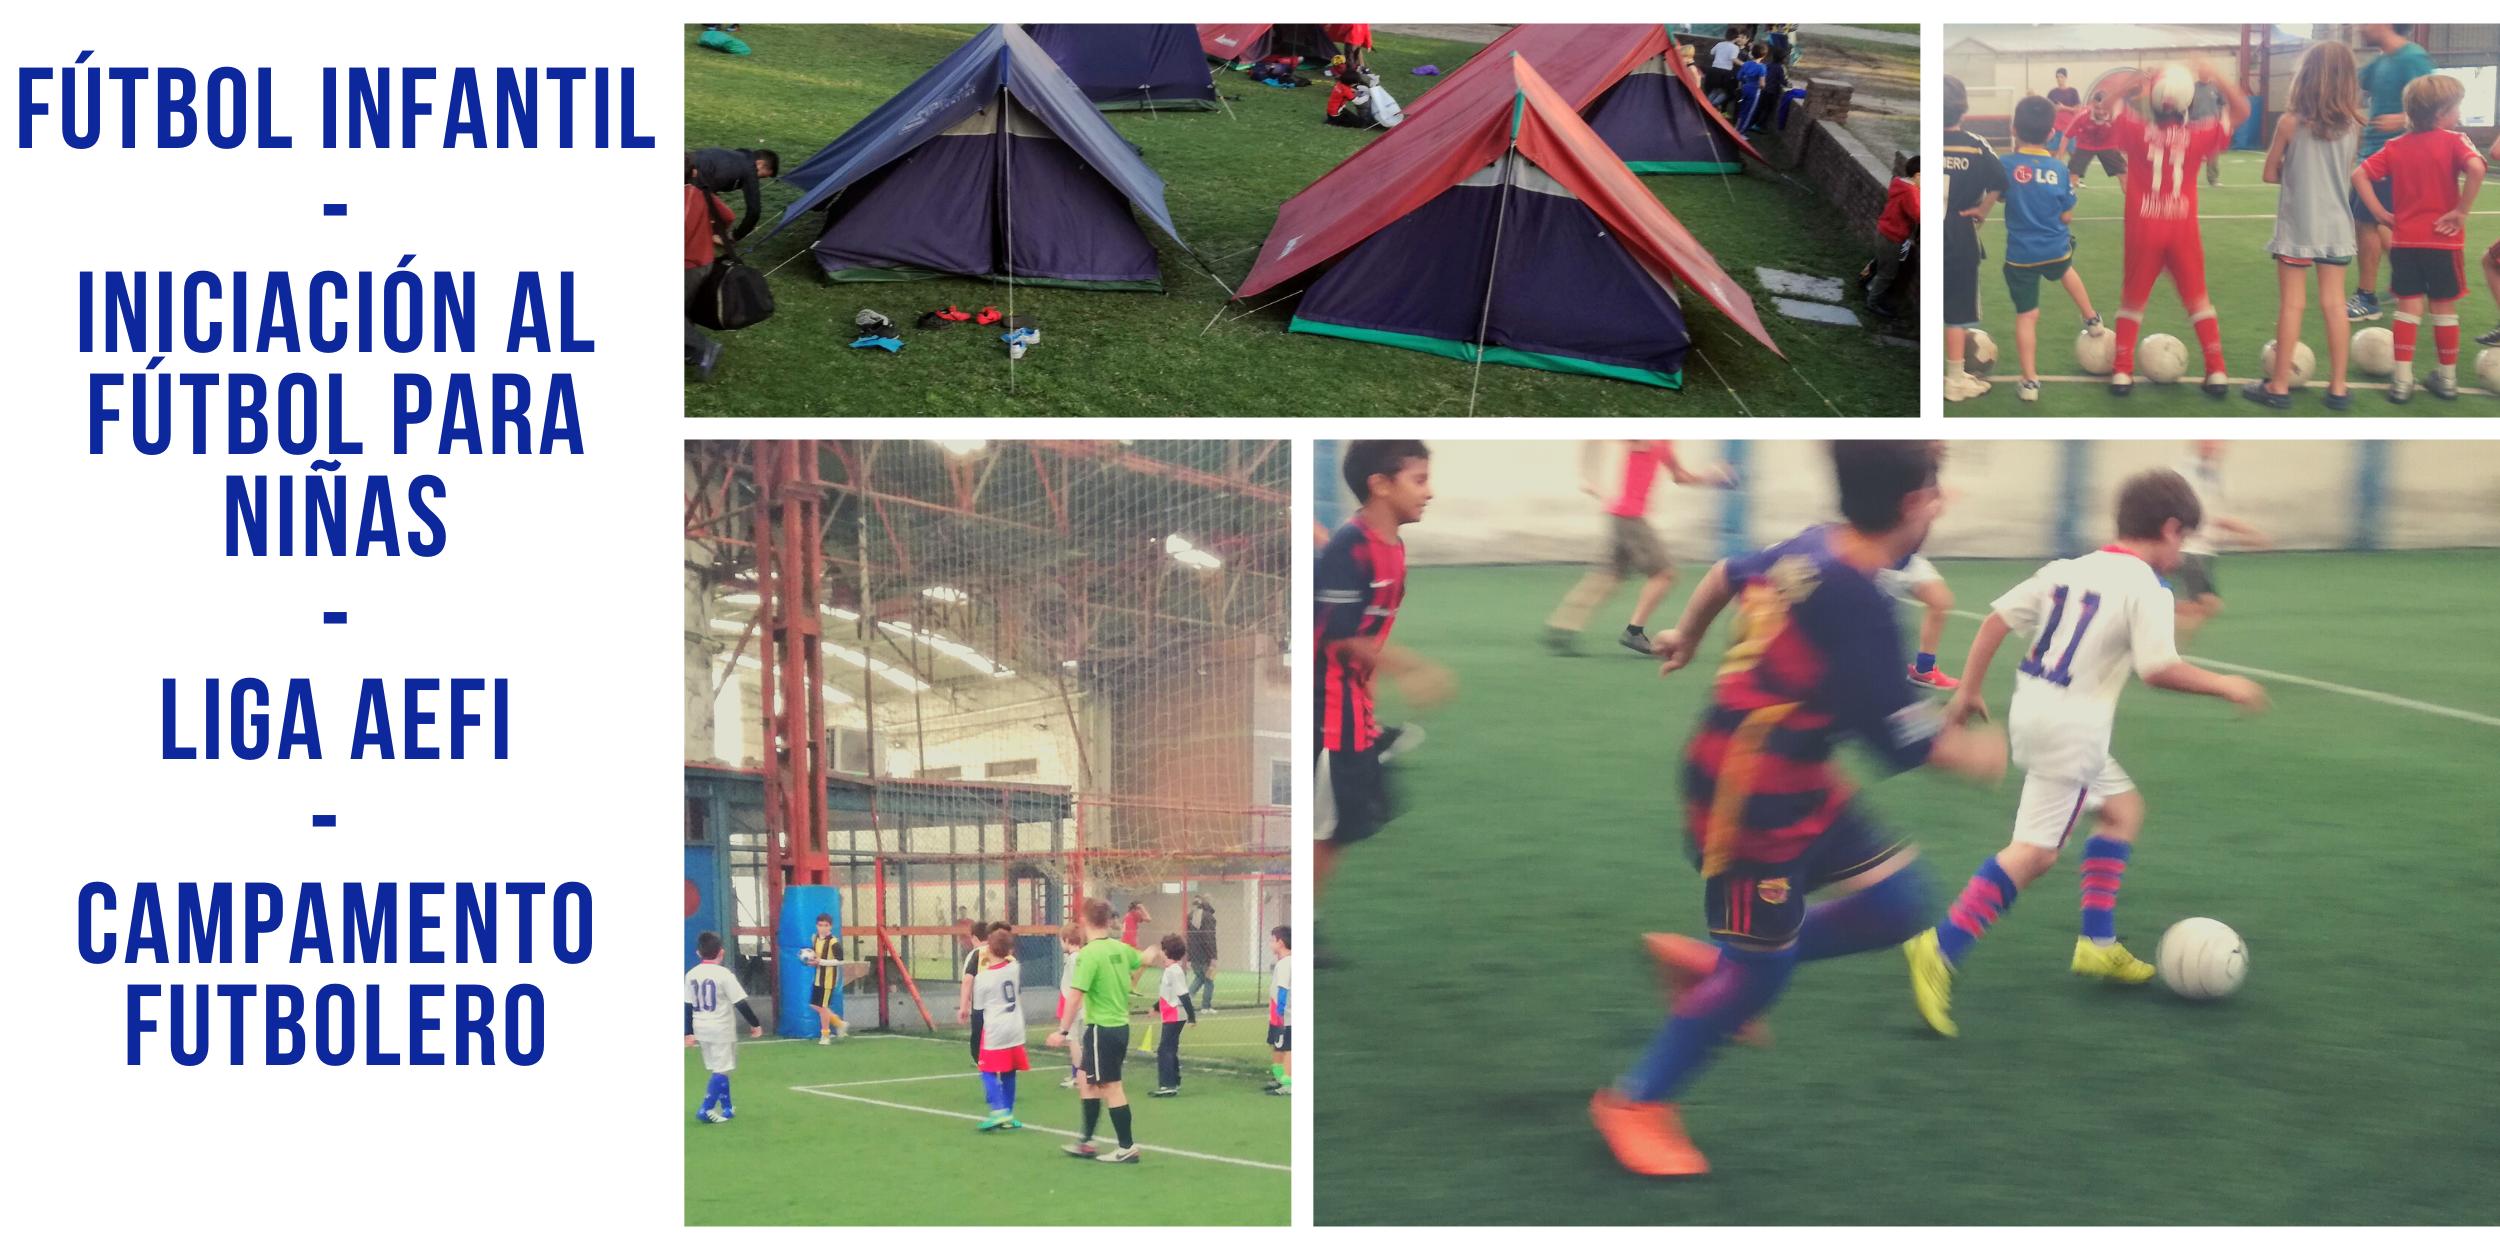 Fútbol Infantil Iniciación al futbol para niñas Liga AEFI Campamento Futbolero